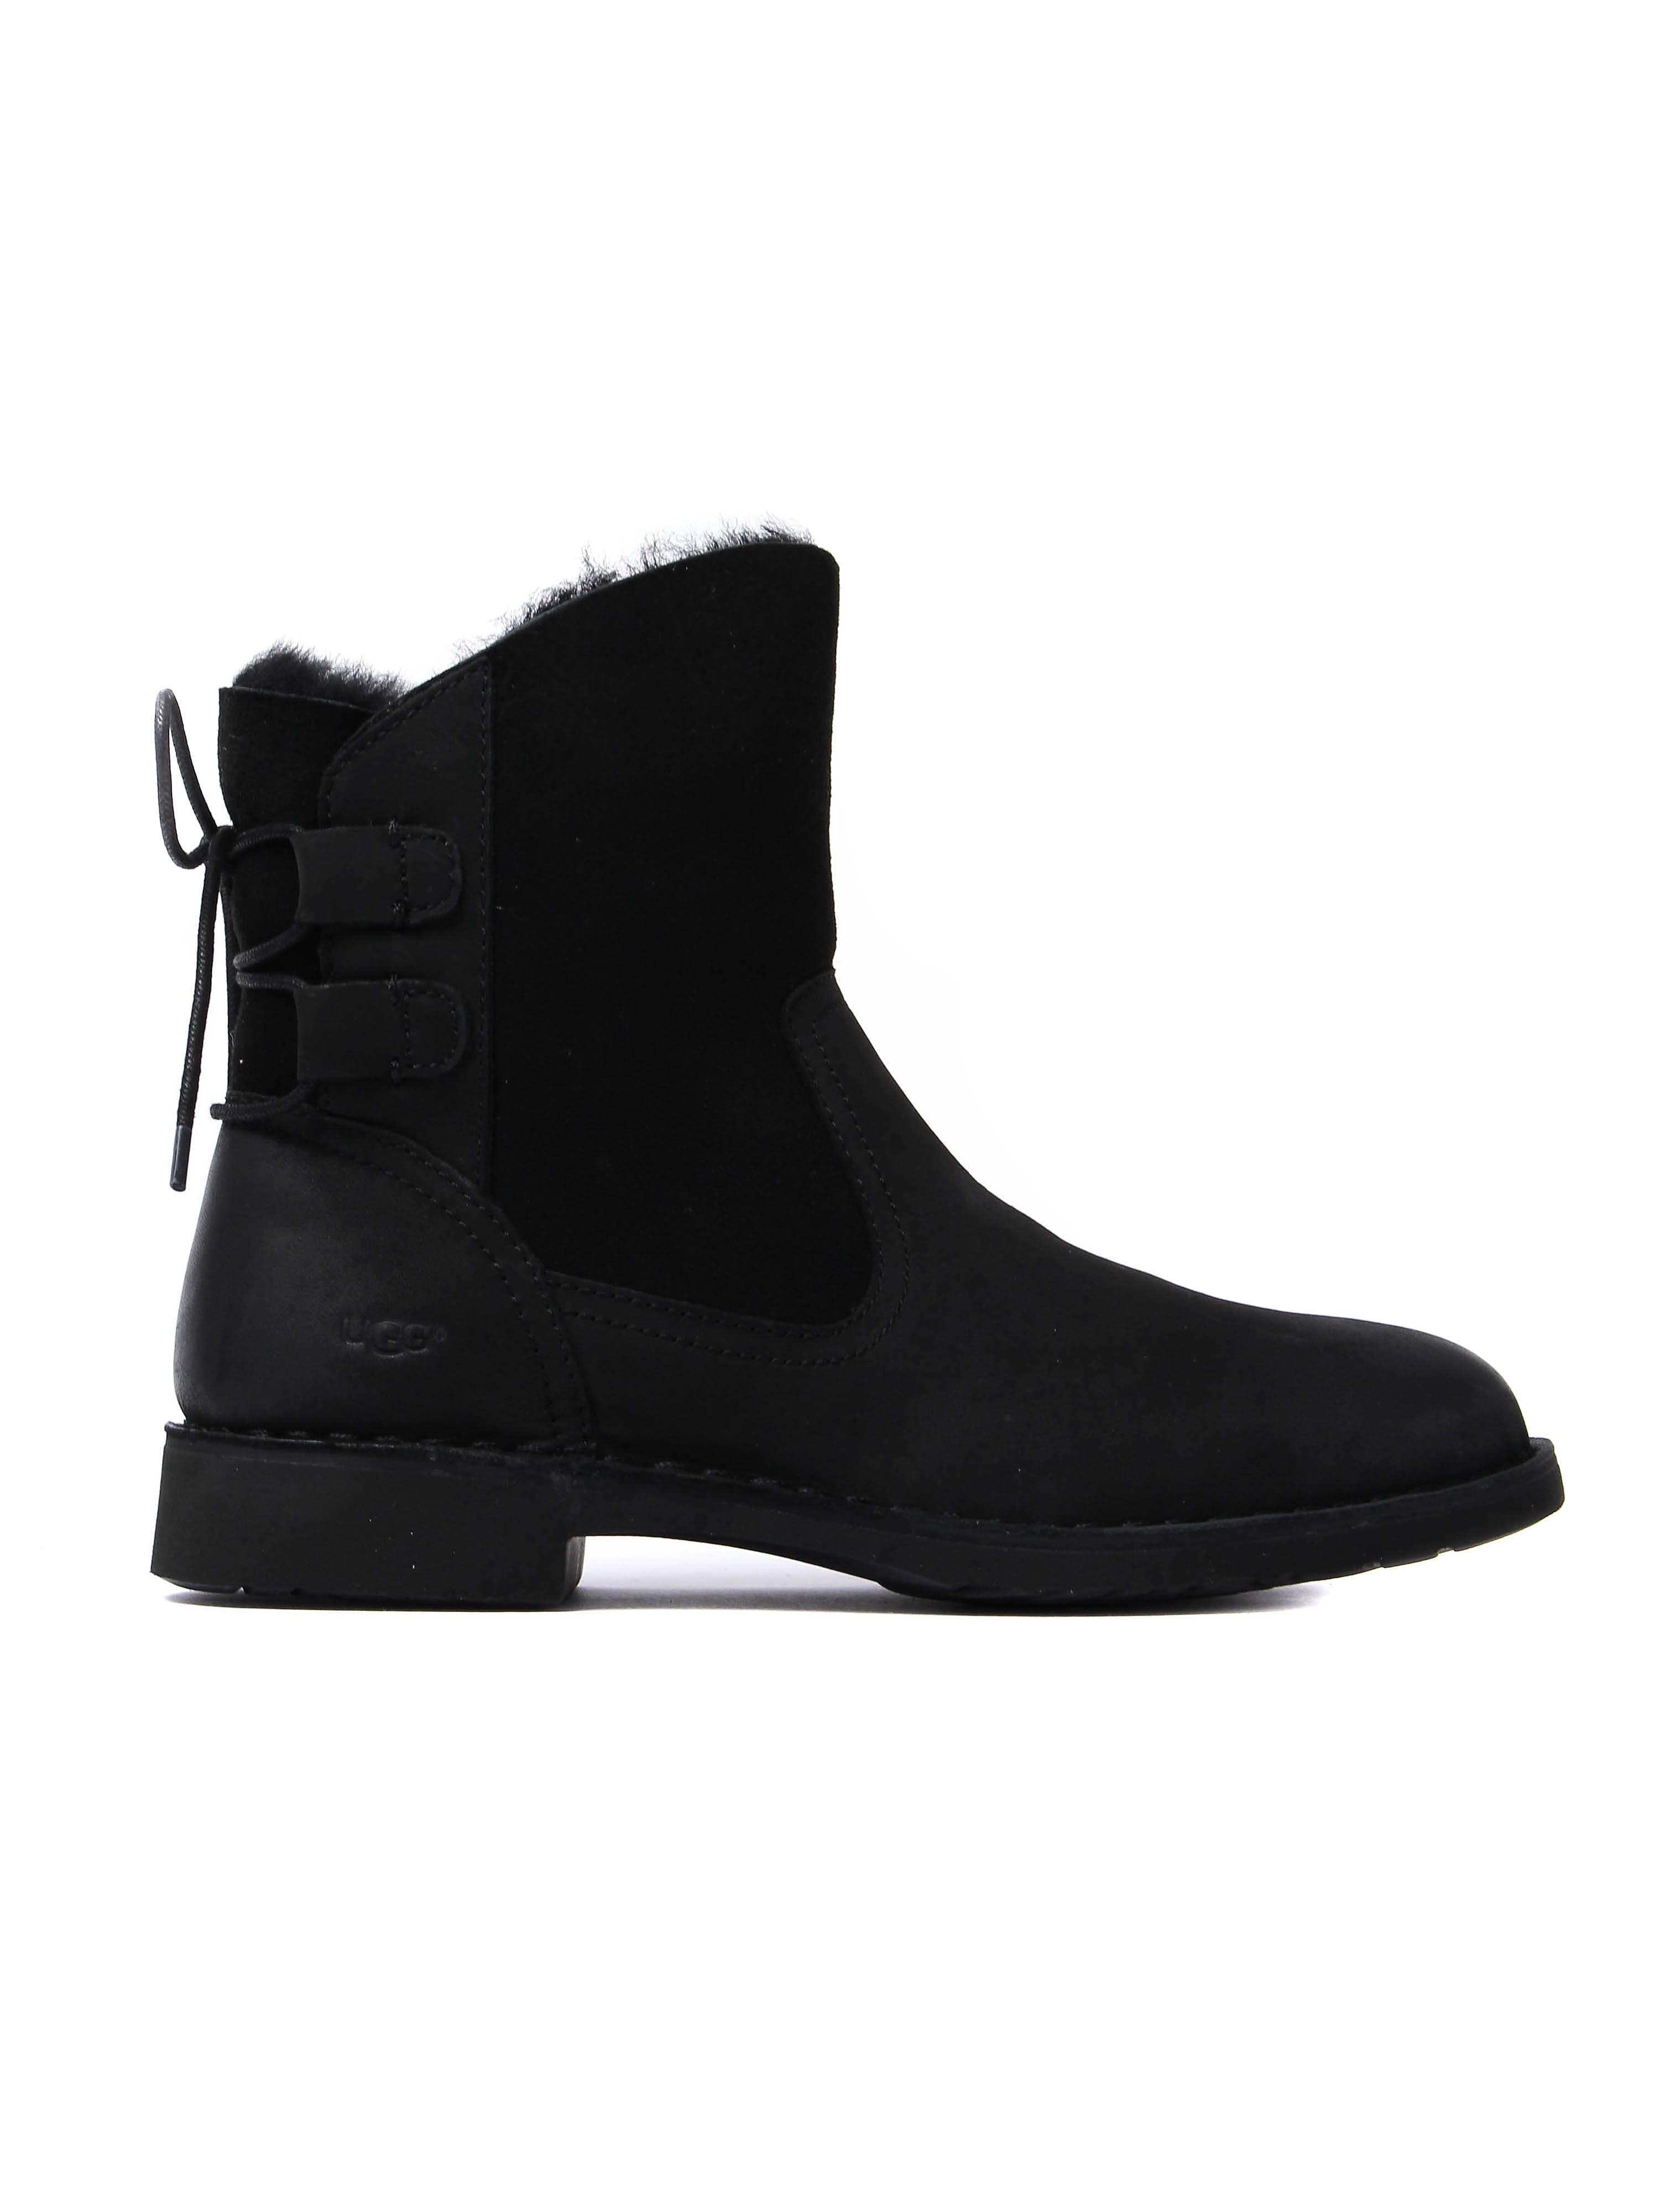 UGG Women's Naiyah Boots - Black